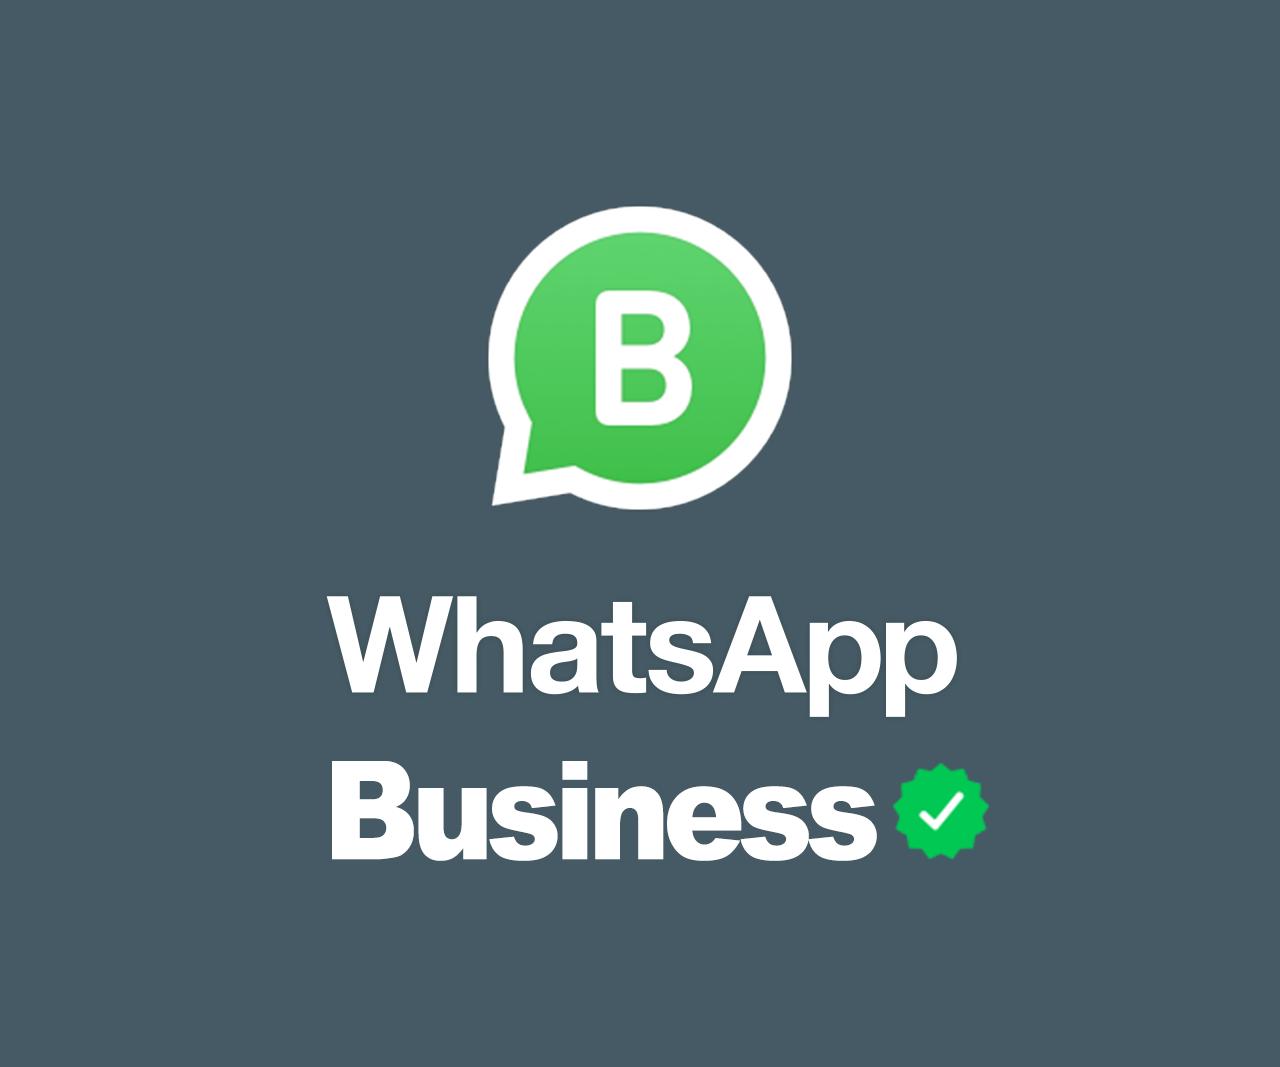 Verified Akun Whatsapp Bisnis Dengan Mudah Ide Bisnis Britania Raya Bisnis Kecil